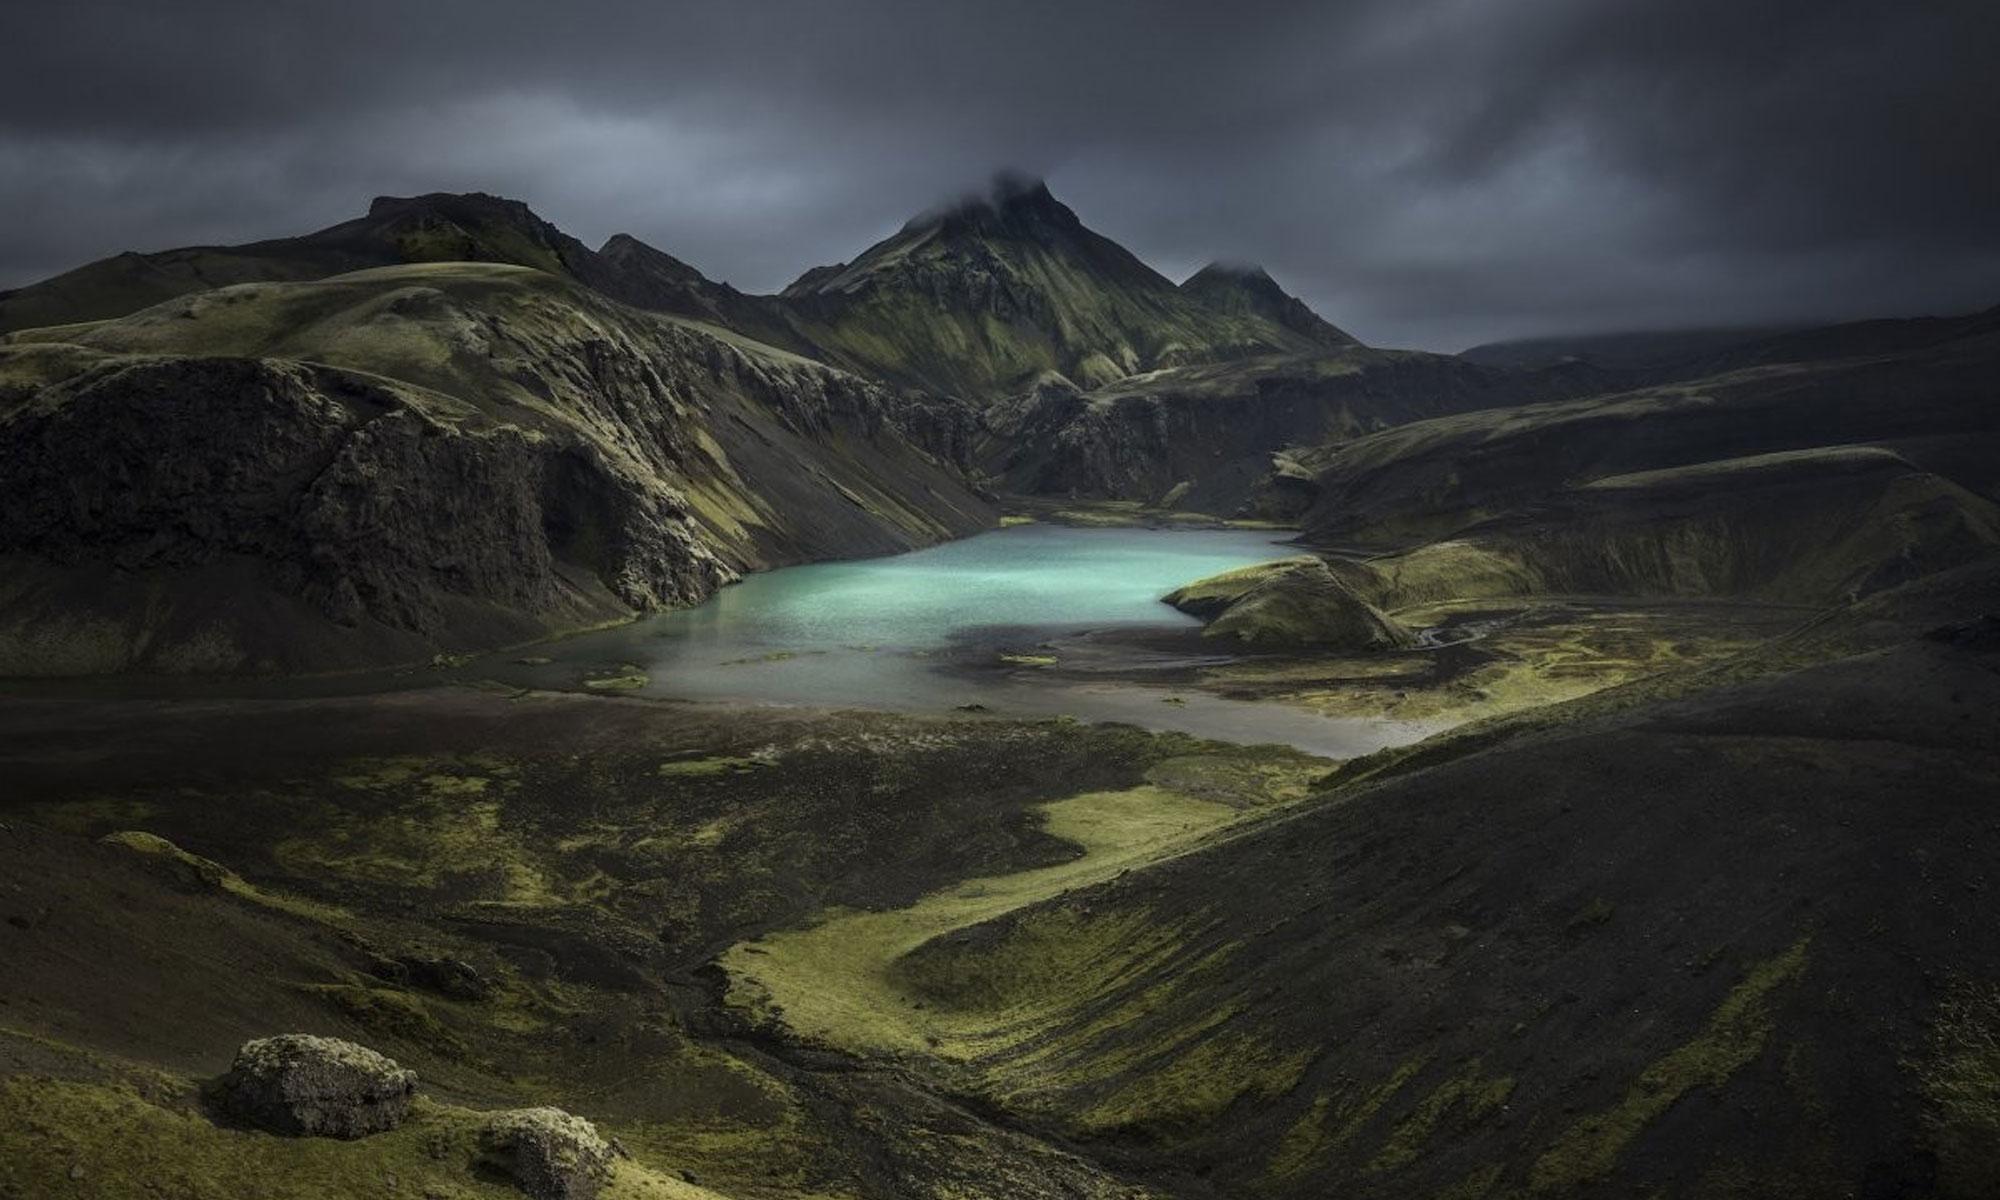 صورة التقطت من المرتفعات الجنوبية في أيسلندا